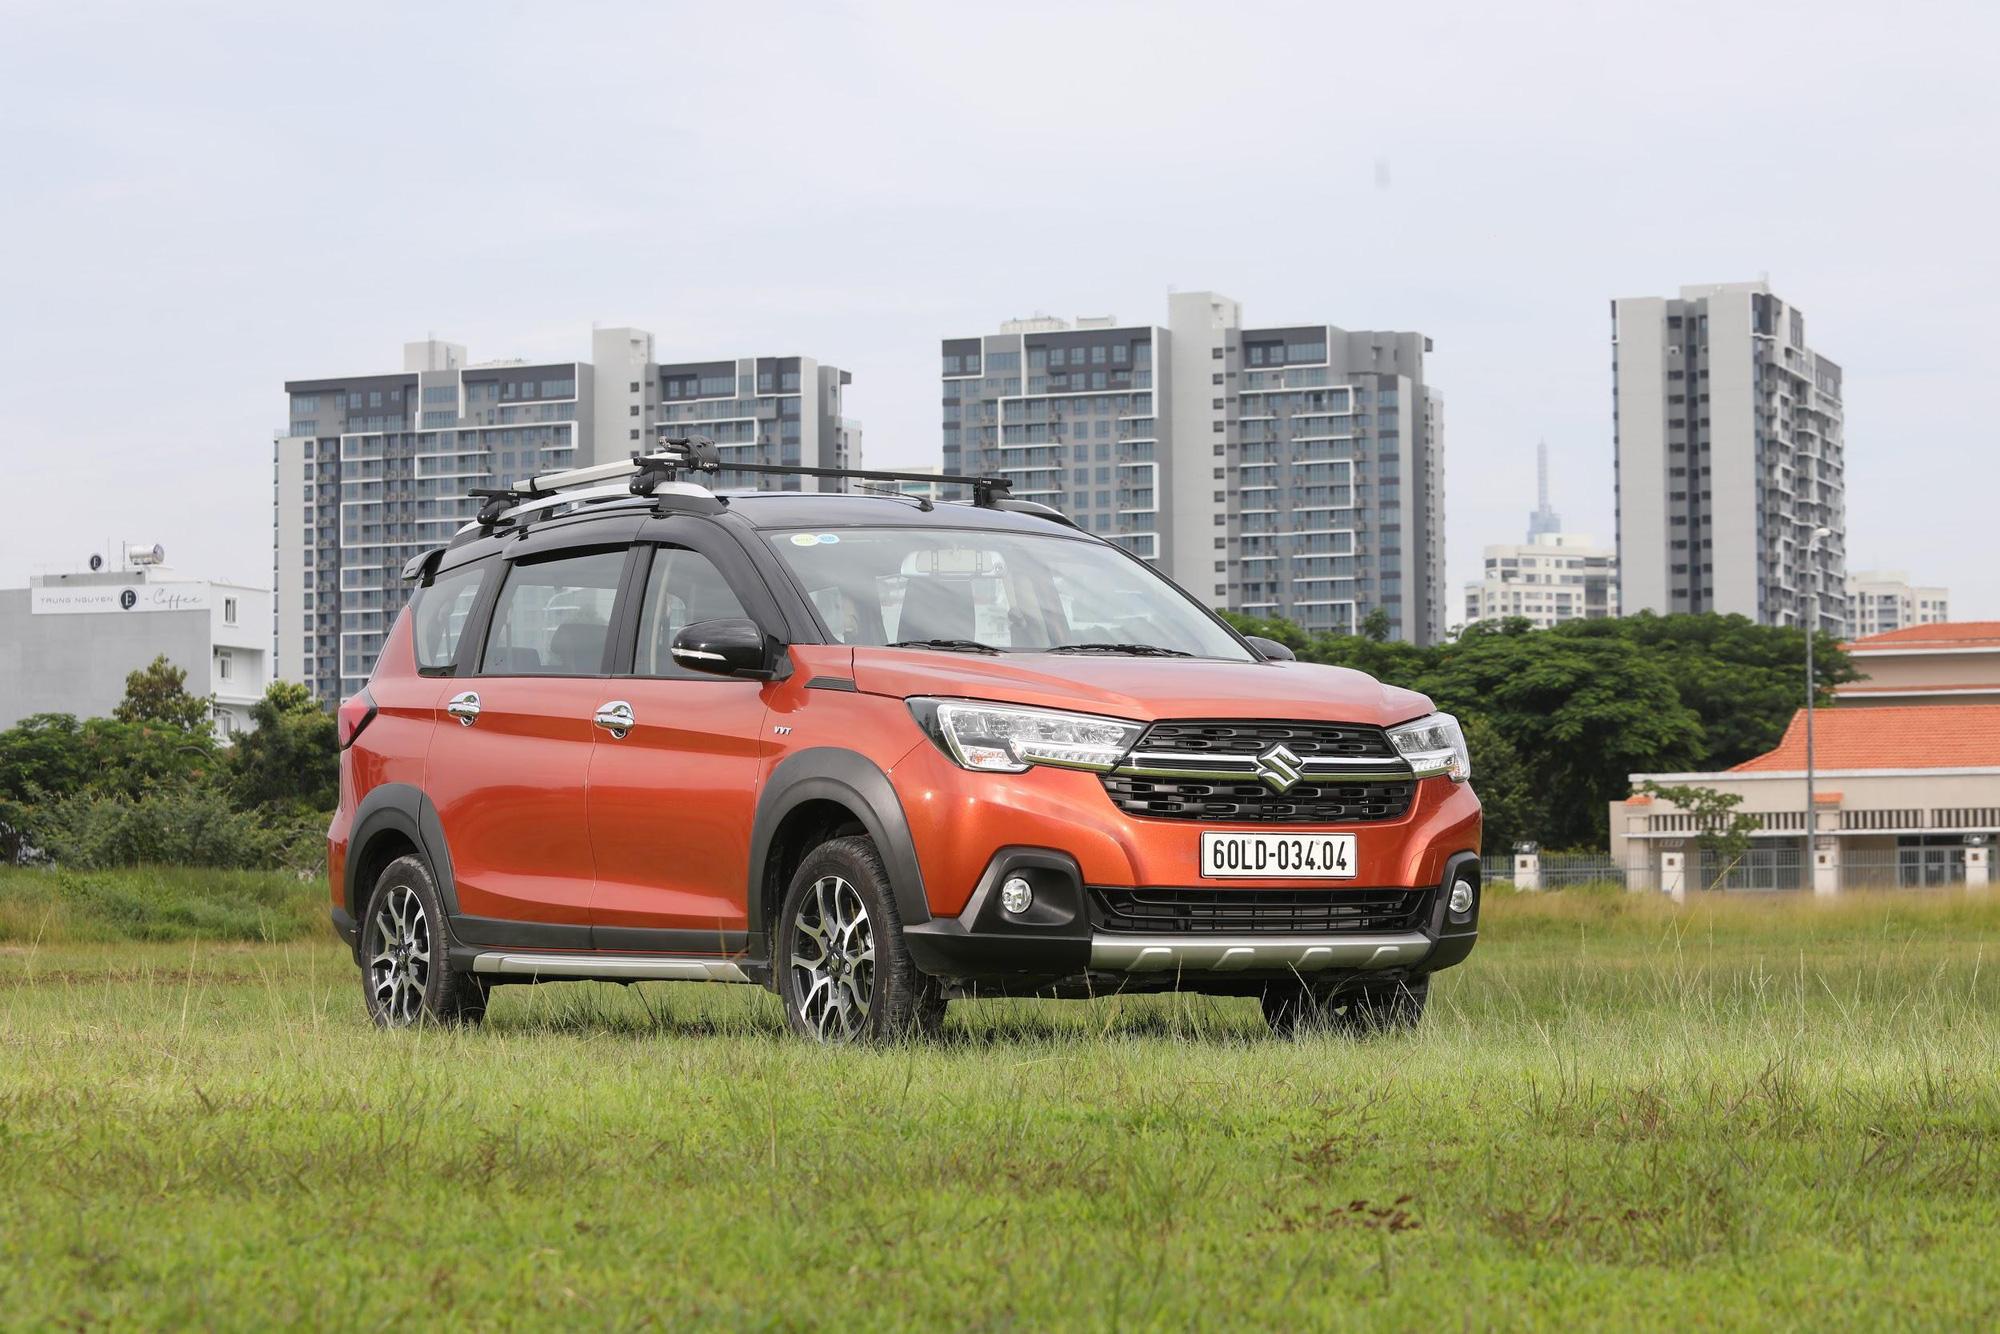 Chiếc xe Suzuki nhập khẩu sẽ luôn được kiểm tra toàn diện 3 lần trước khi giao đến tay khách hàng